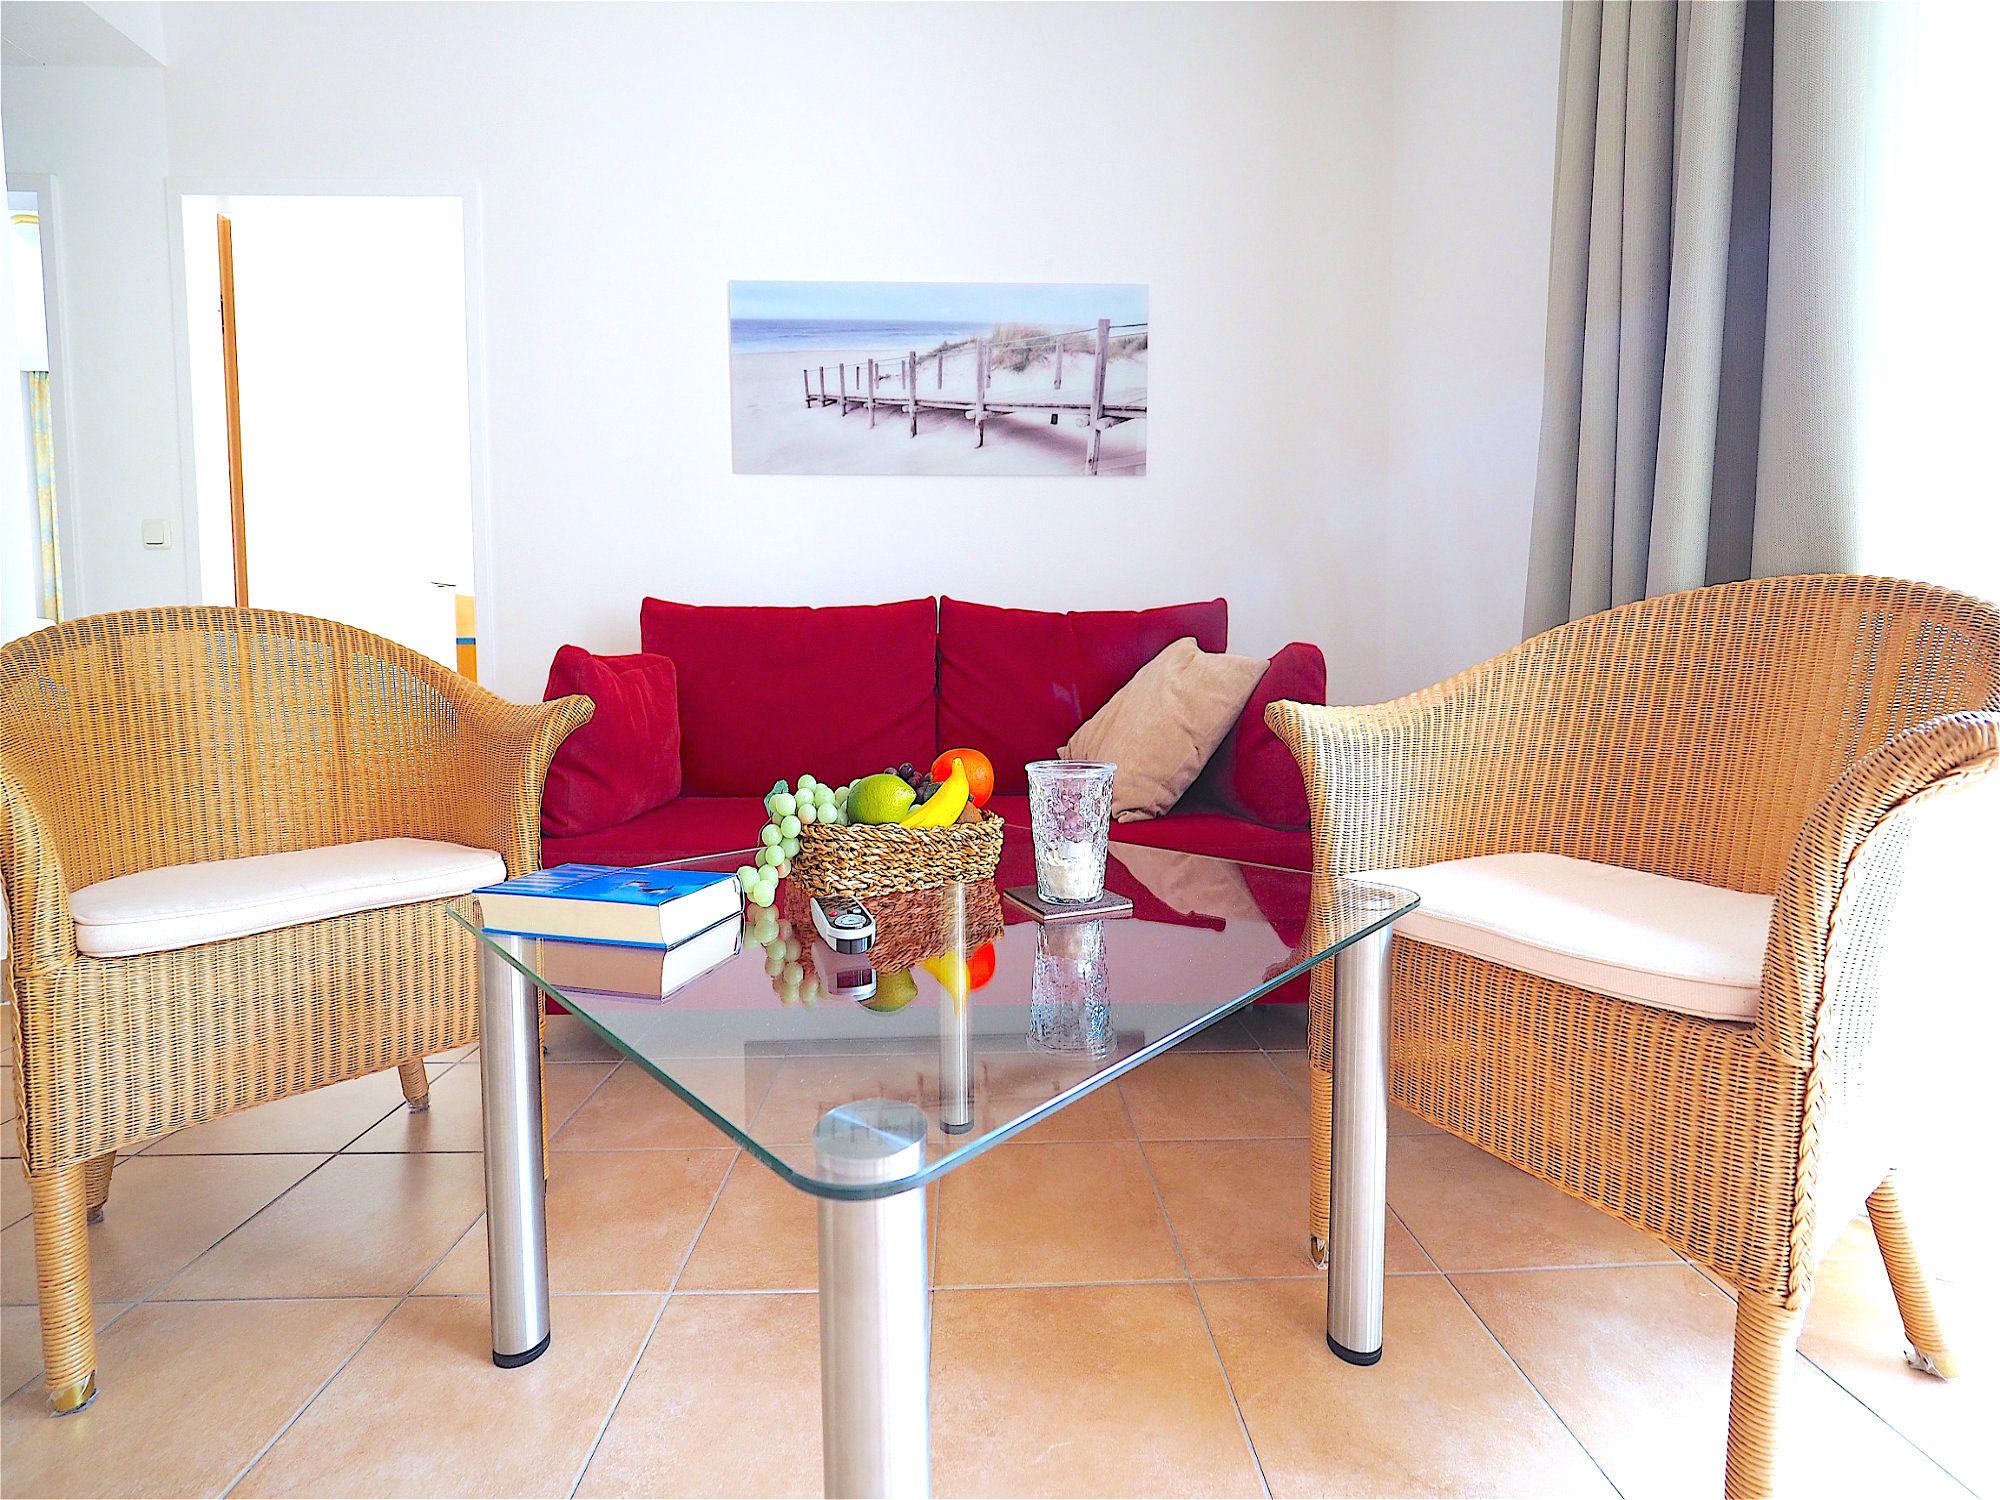 Innenaustattung von der Ferienwohnung Strandpalais Ferienwohnung 23 im Ostseebad Boltenhagen